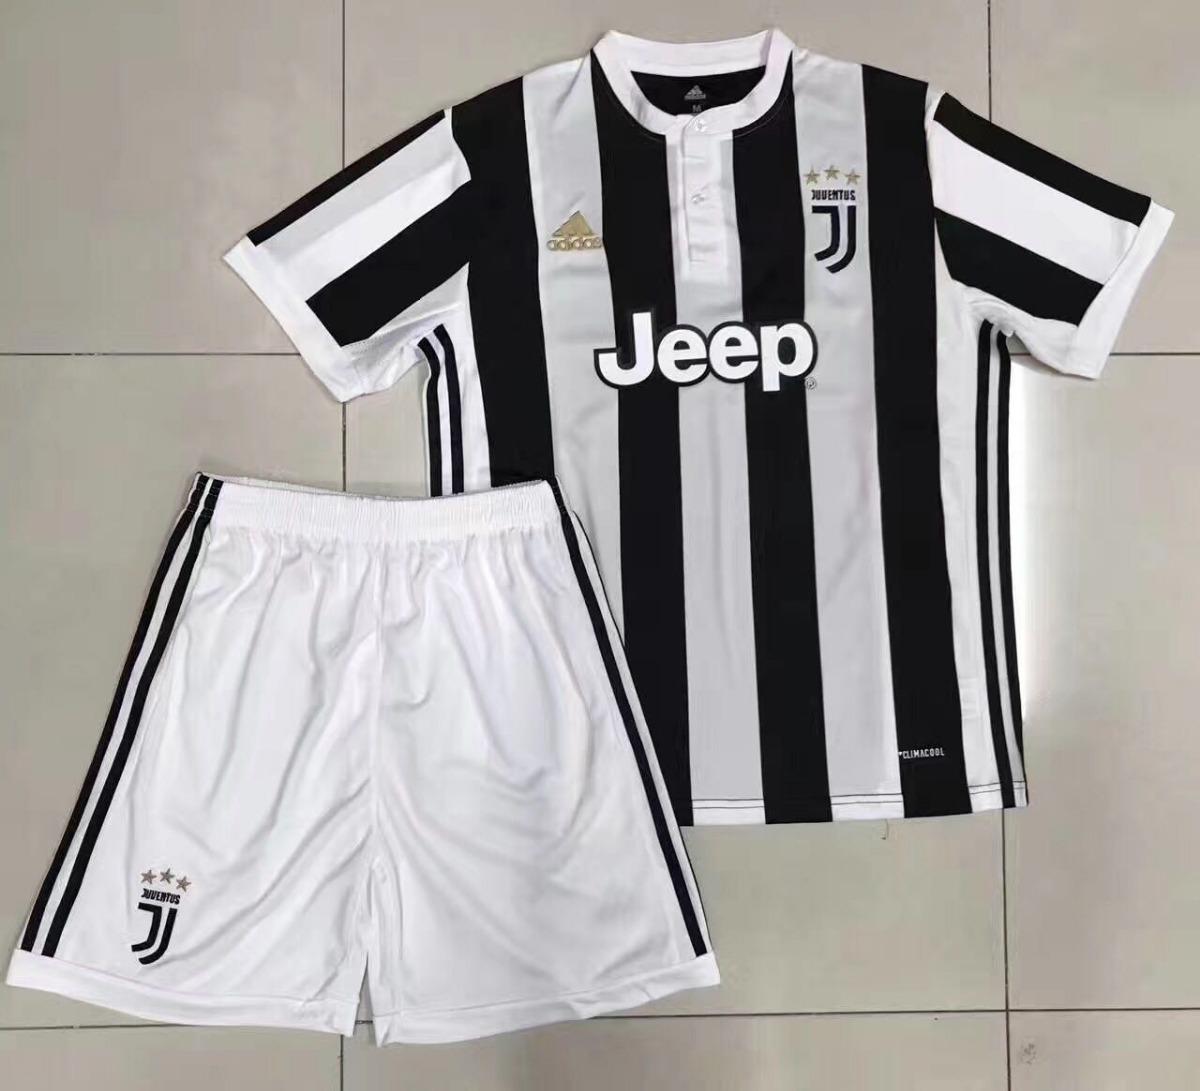 uniformes de futebol 2018 adultos infantil. Carregando zoom. db17a97d2ca11